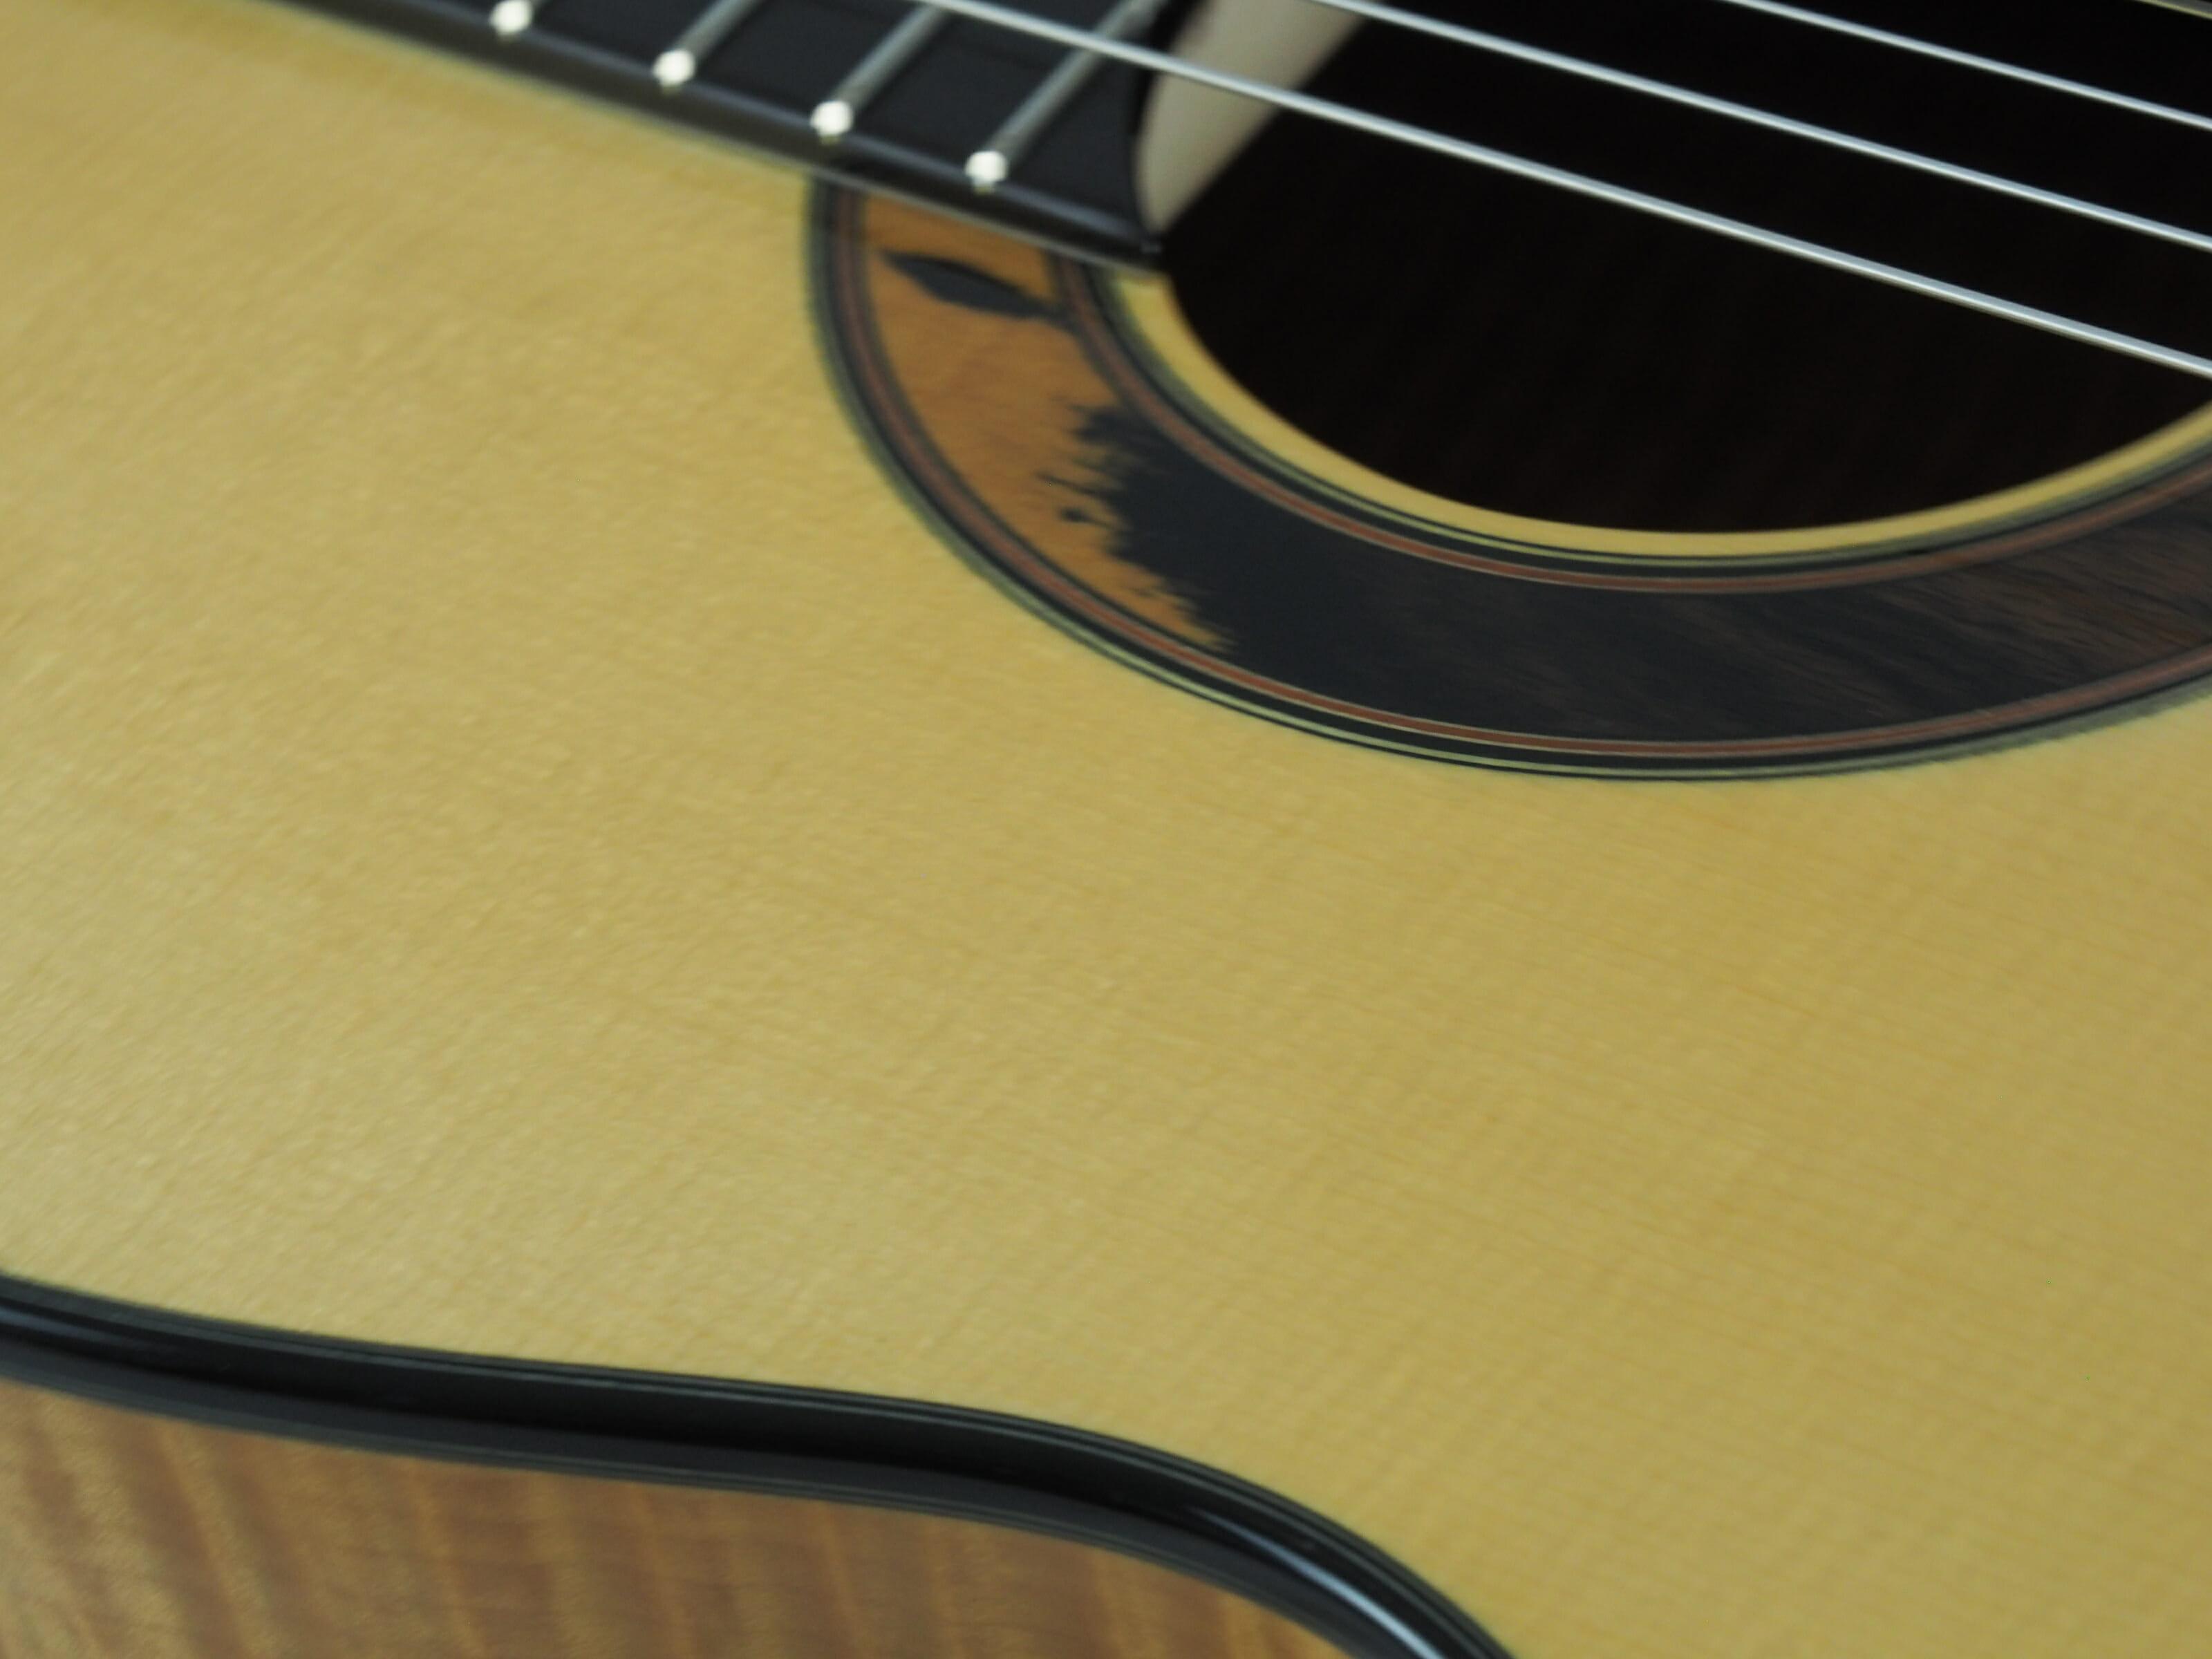 Kim Lissarrague guitare classique luthier No 19LIS311-03